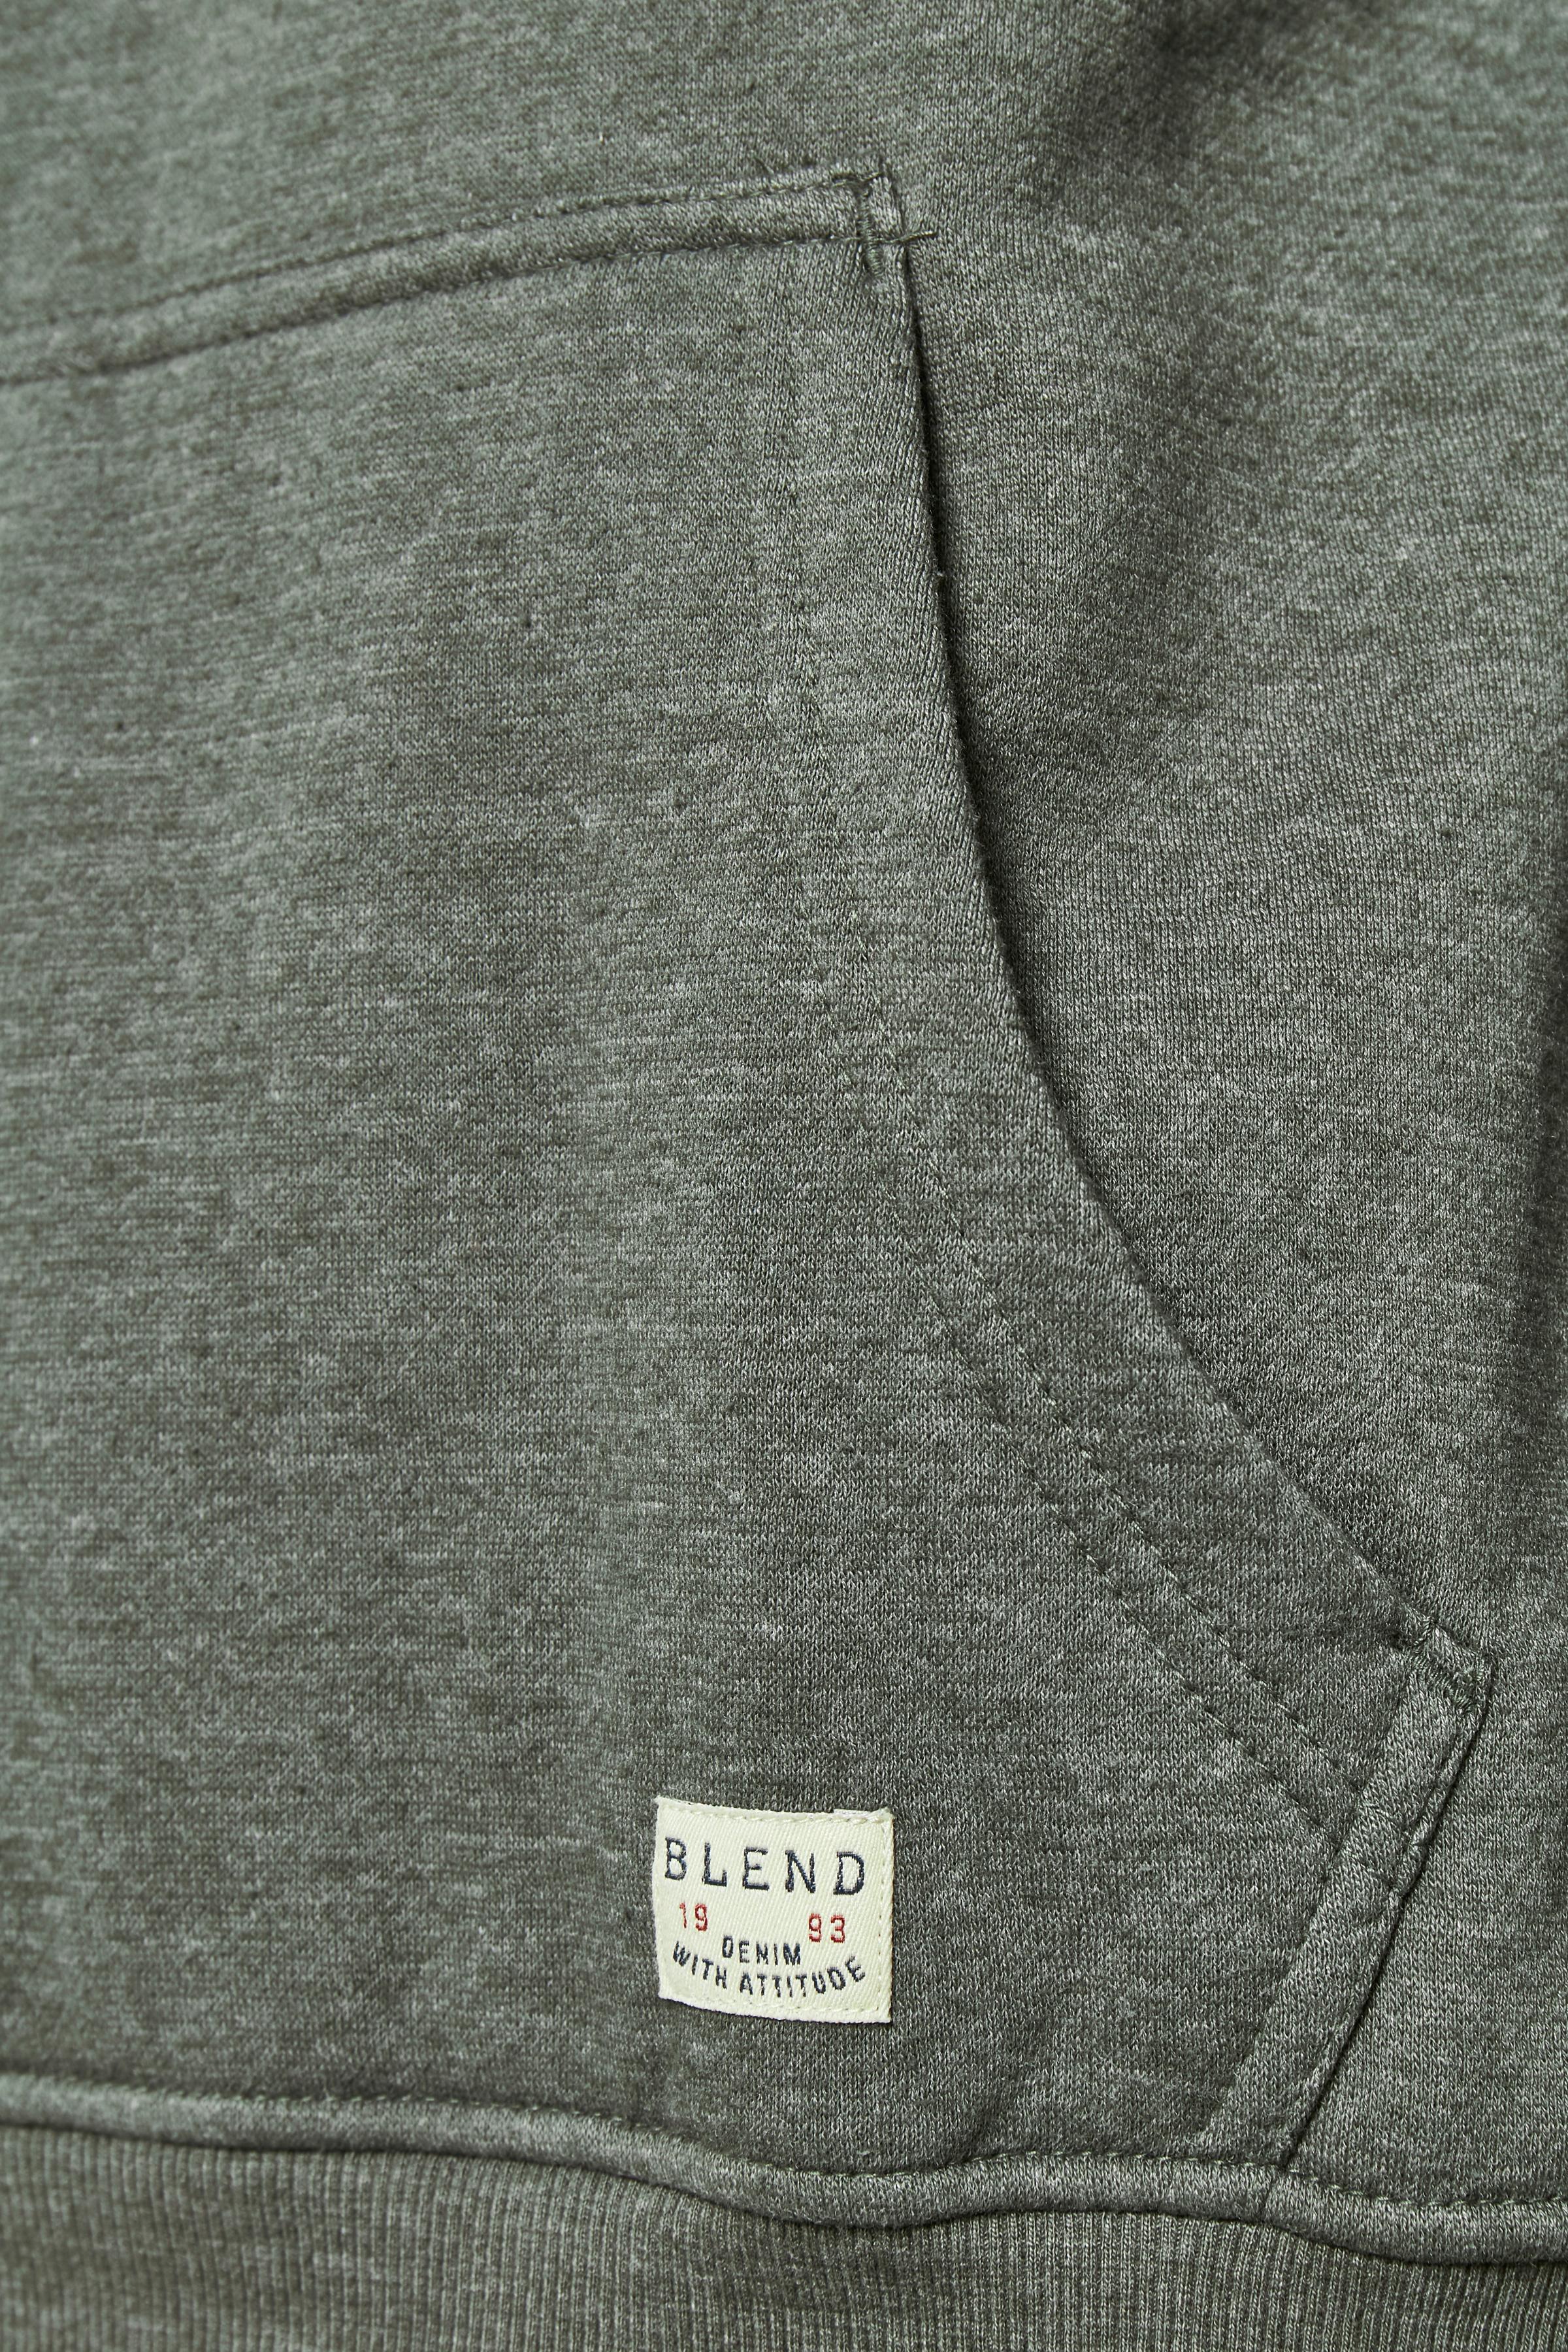 Mørkegrøn Hættetrøje fra Blend He – Køb Mørkegrøn Hættetrøje fra str. S-3XL her